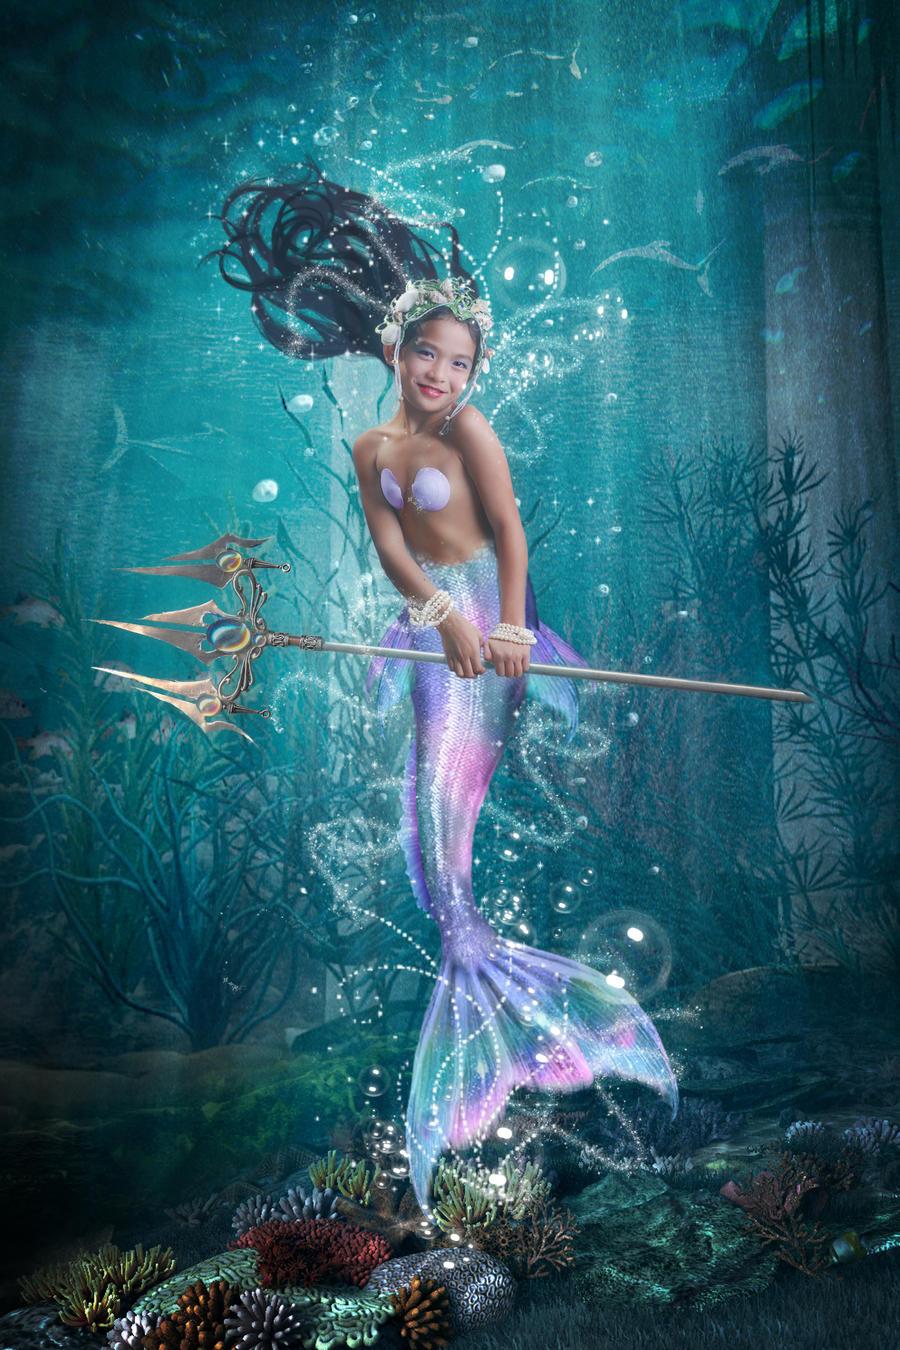 art nude mermaid Breasted